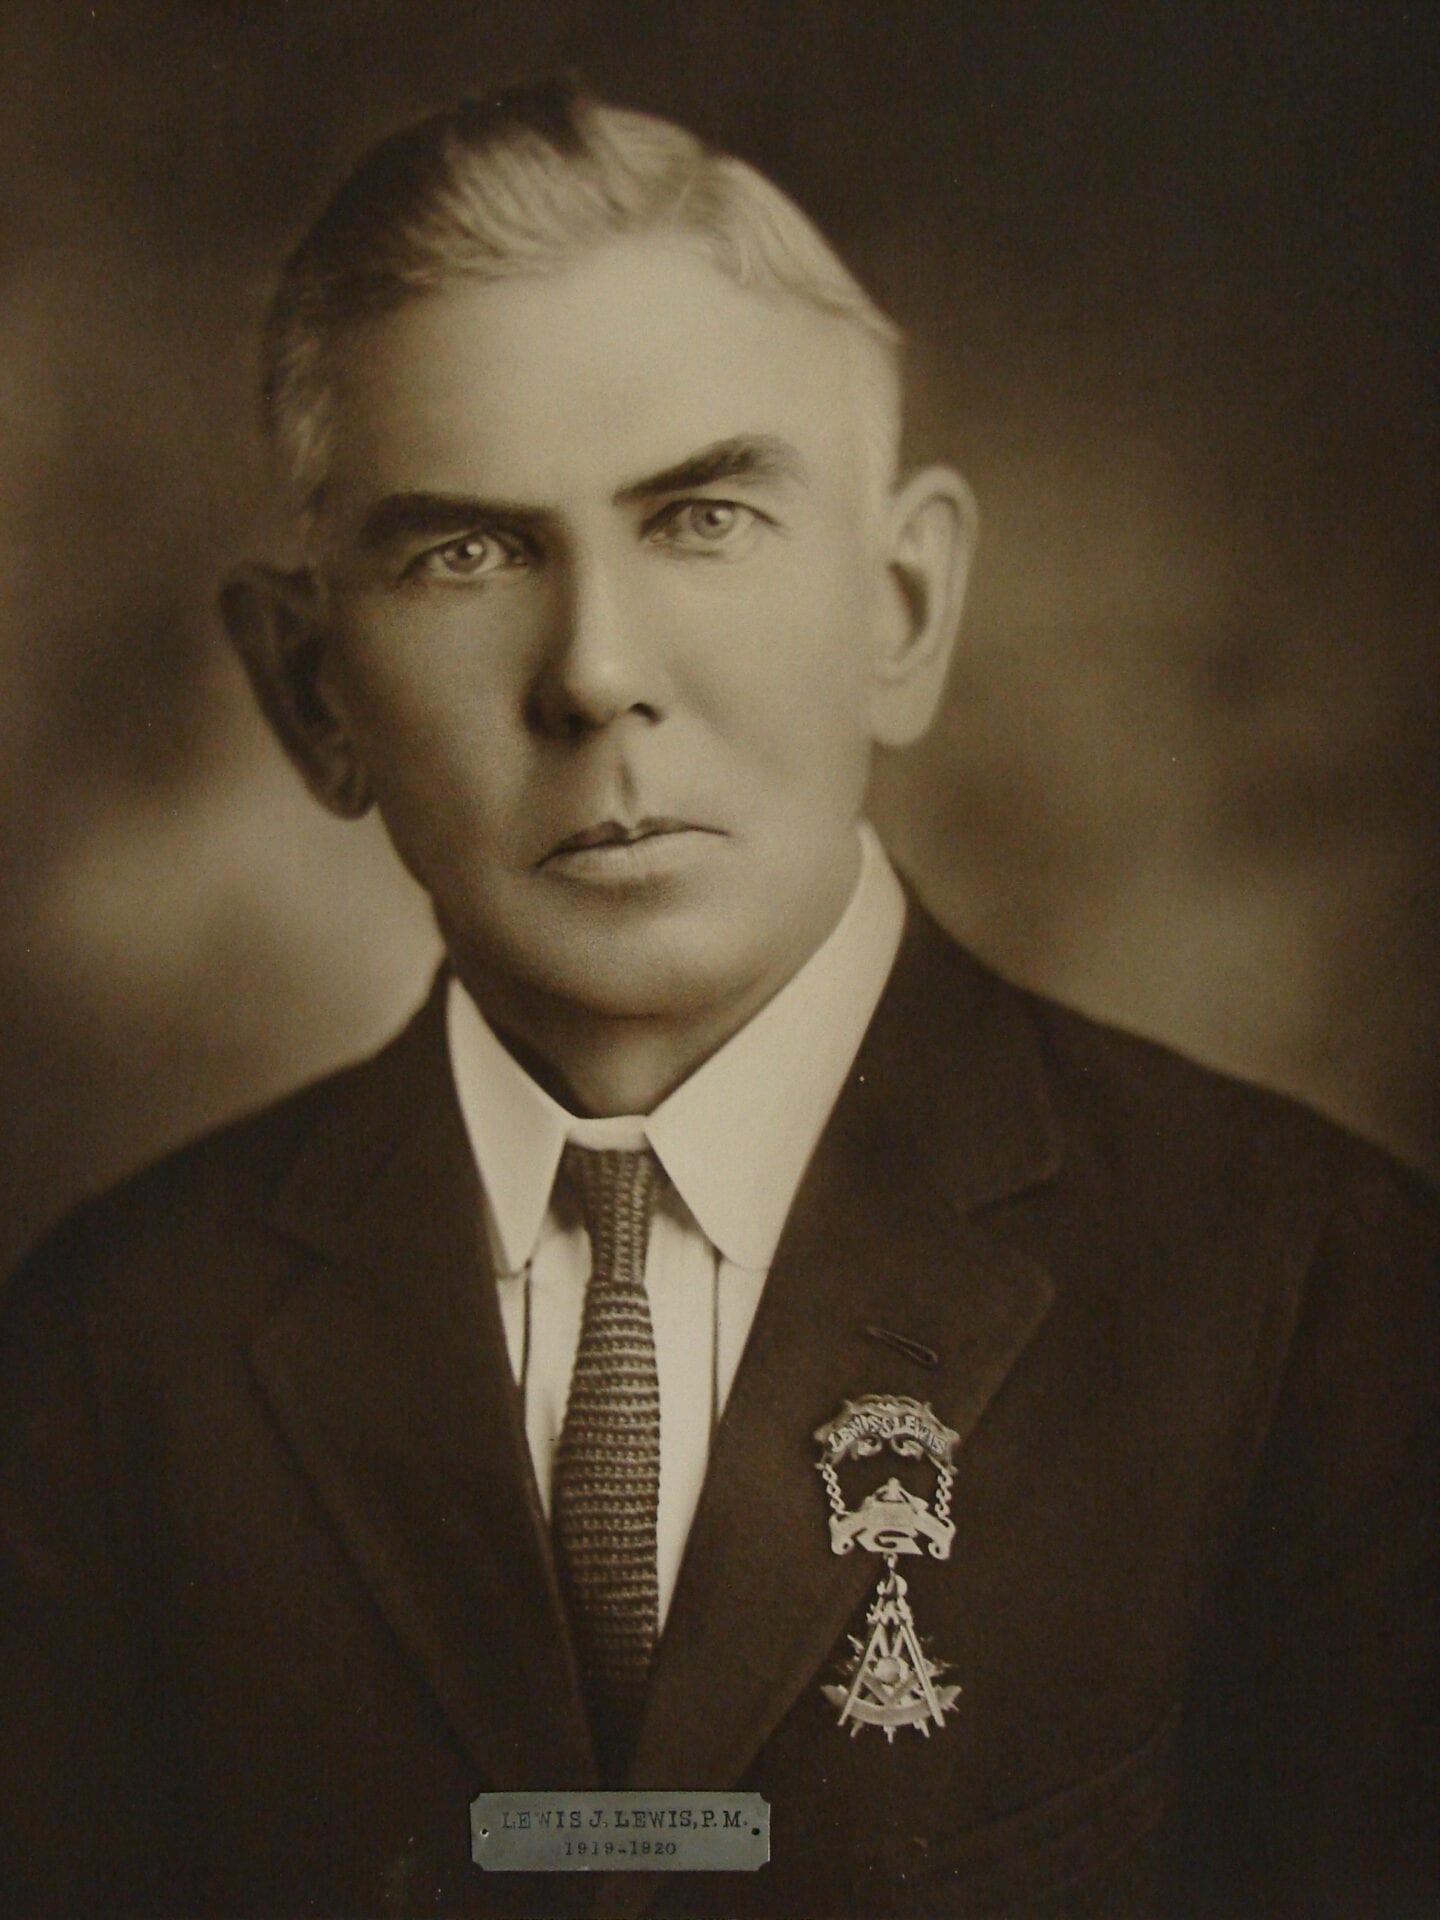 Lewis J Lewis